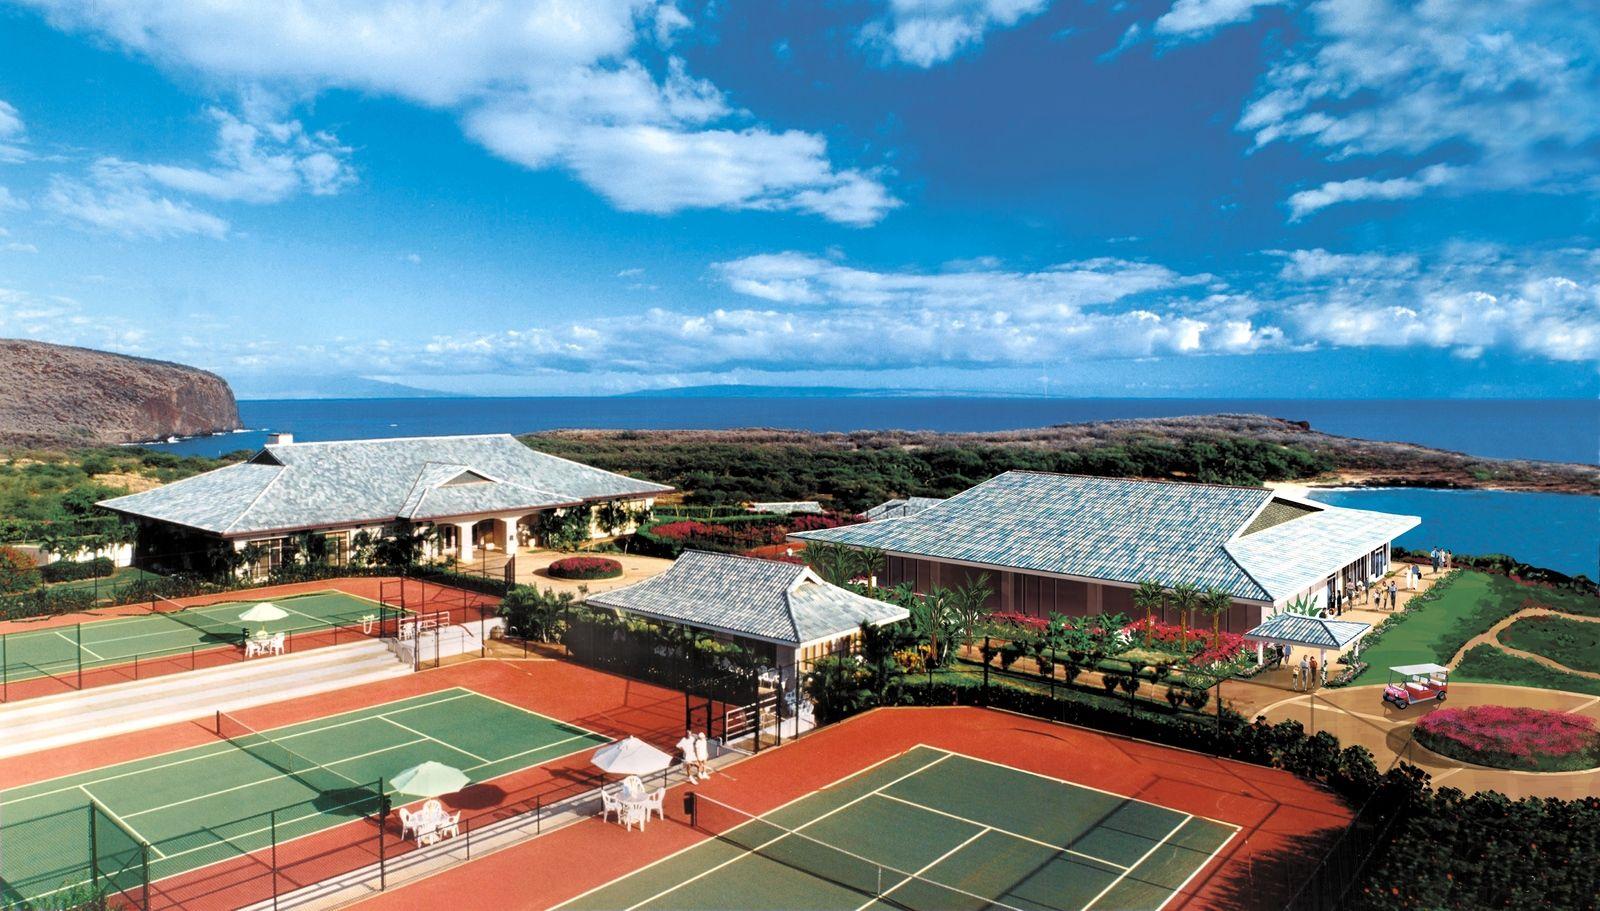 Tennis-Tourist-Courtesy-Four-Seasons-lanai-tennis-courts-aerial-view